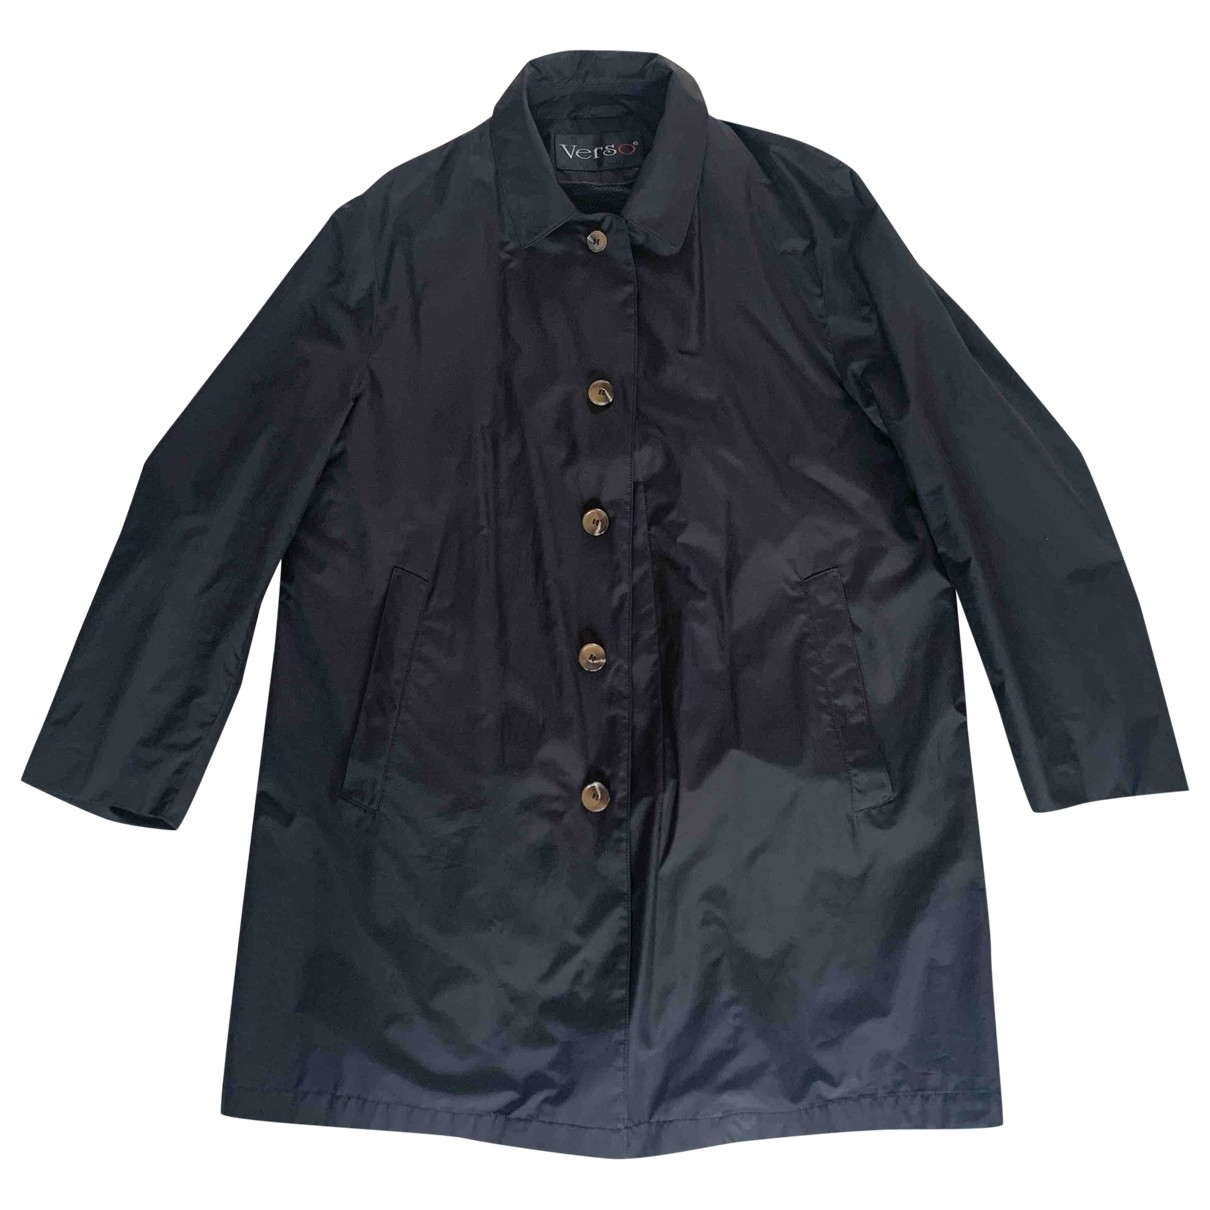 - Manteau   pour homme - noir